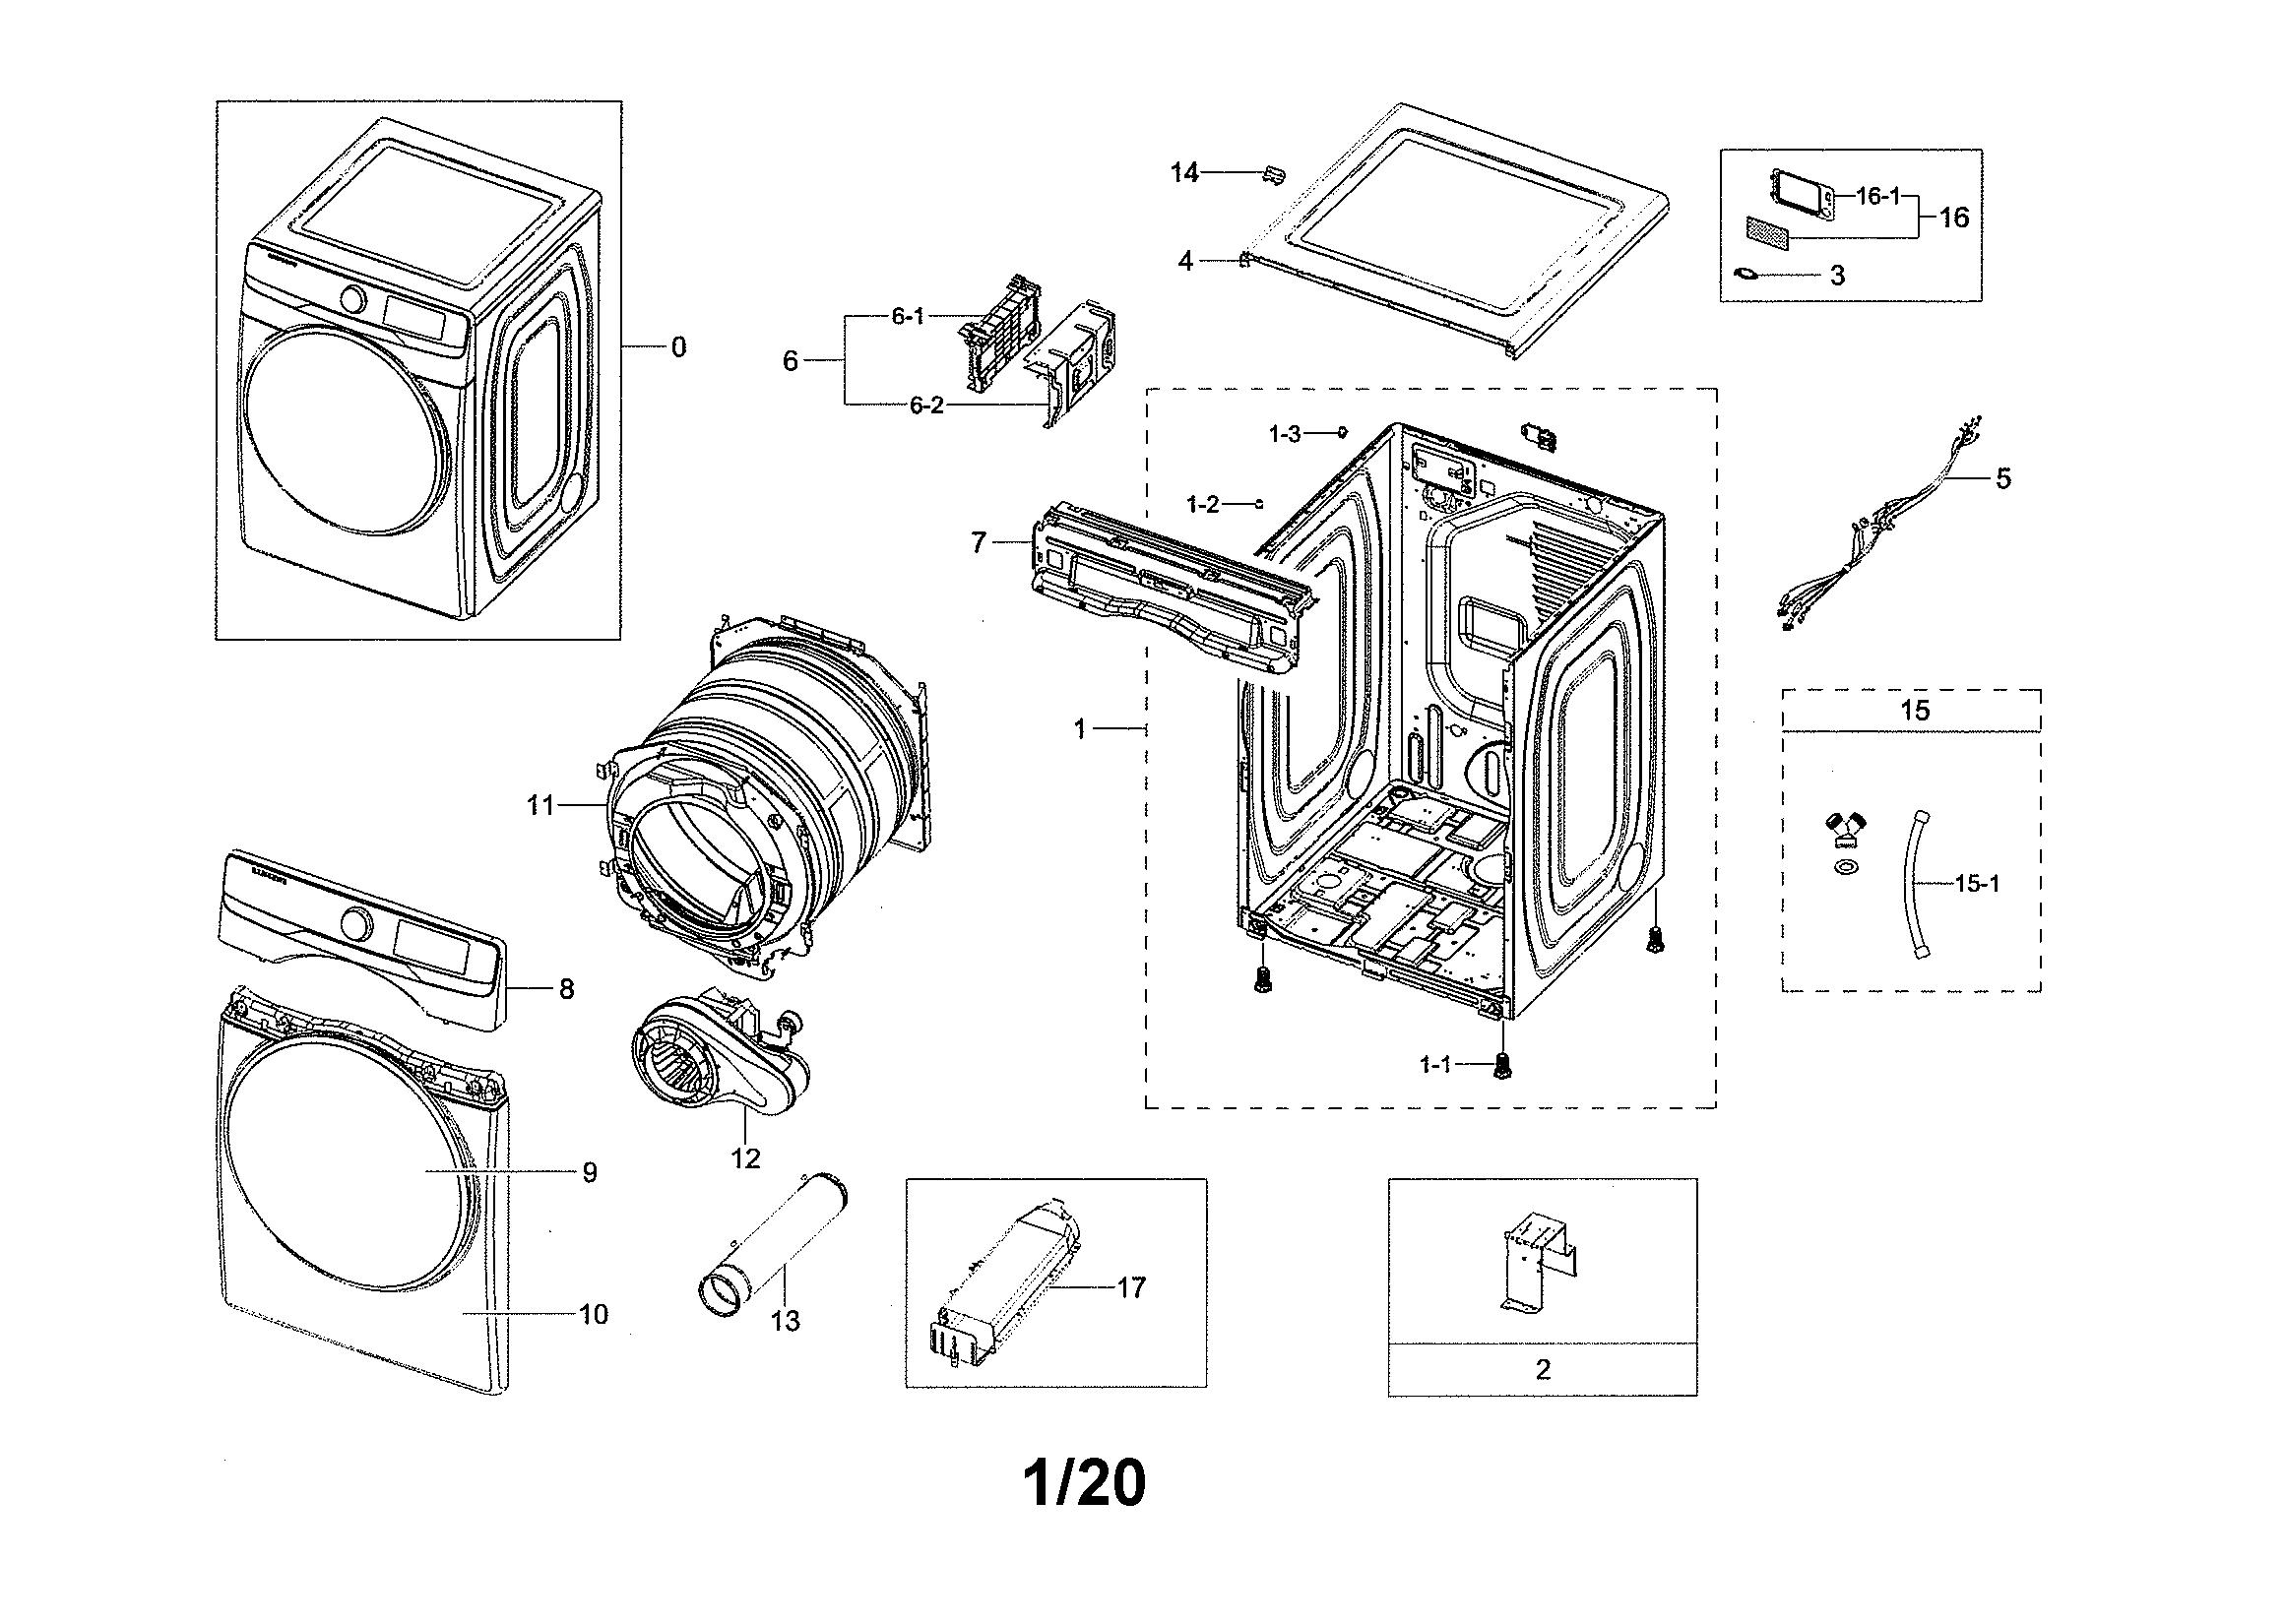 Samsung  Dryer  Main